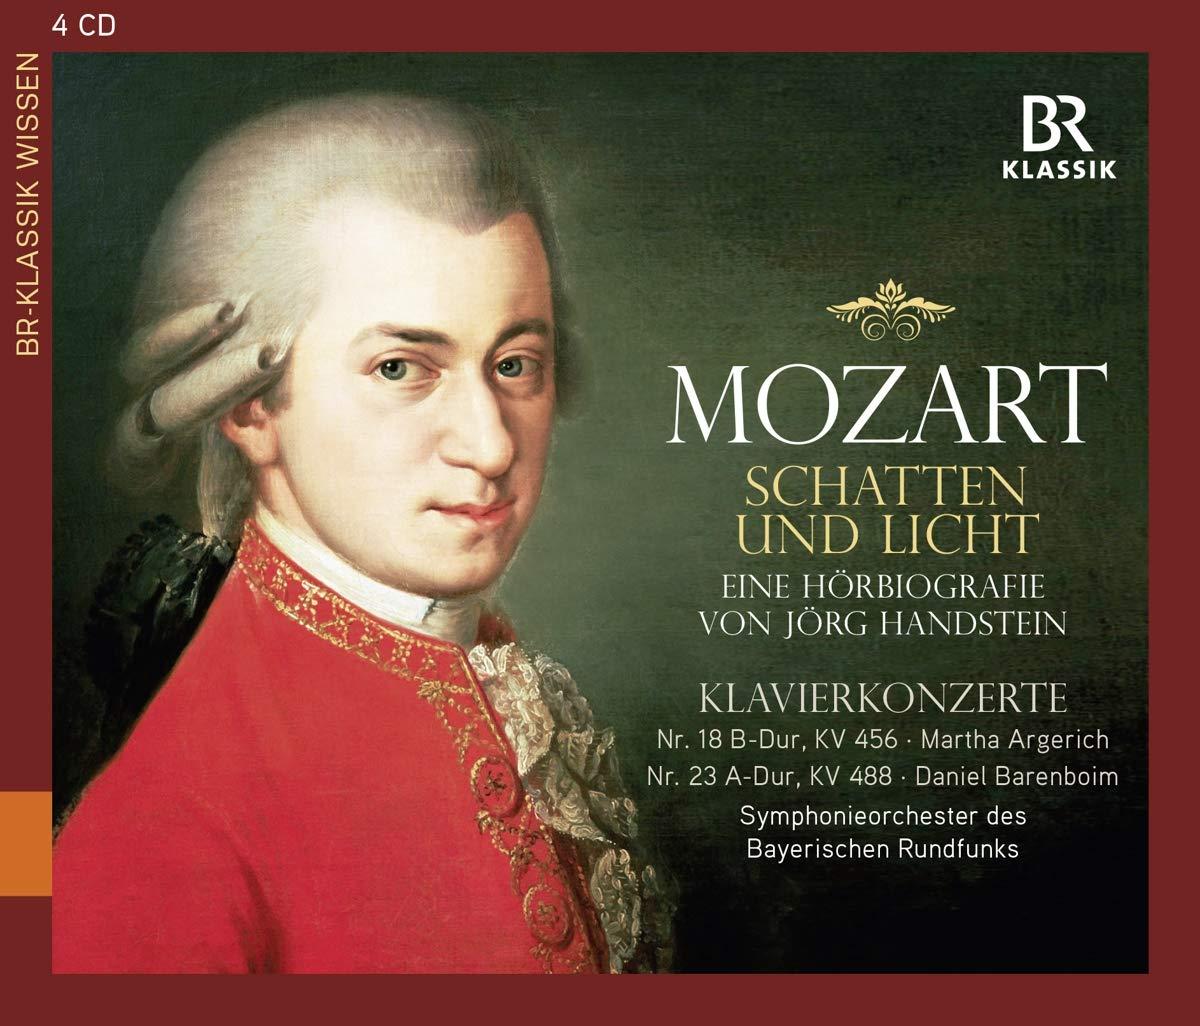 CD-Rezension: MOZART. Schatten und Licht – Eine Hörbiografie von Jörg Handstein